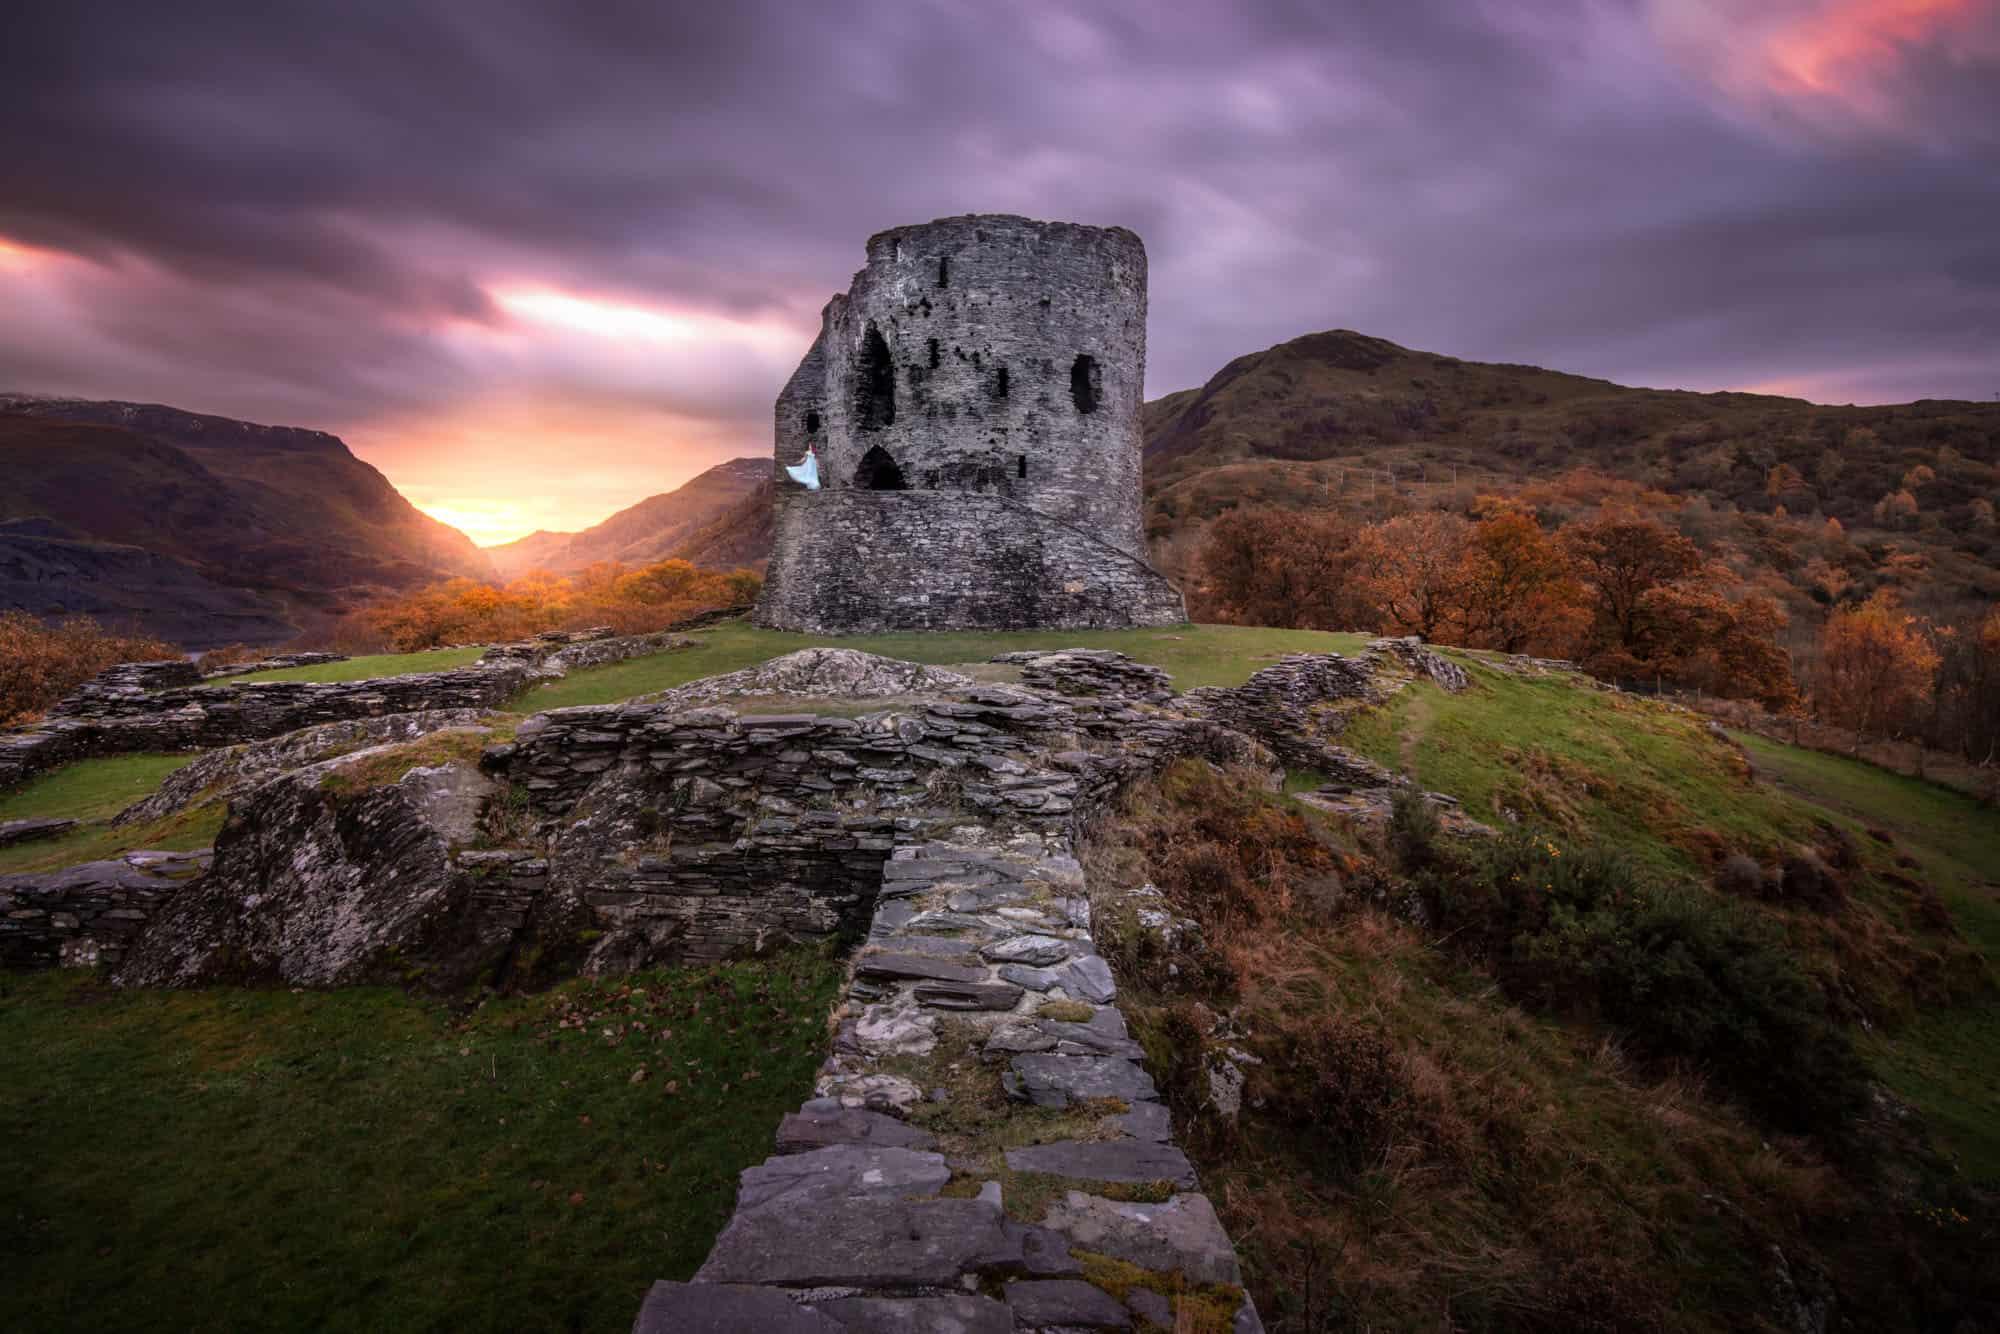 A lesser-know sunrise gem for Snowdonia photography is Dolbadarn Castle near Llyn Padarn.